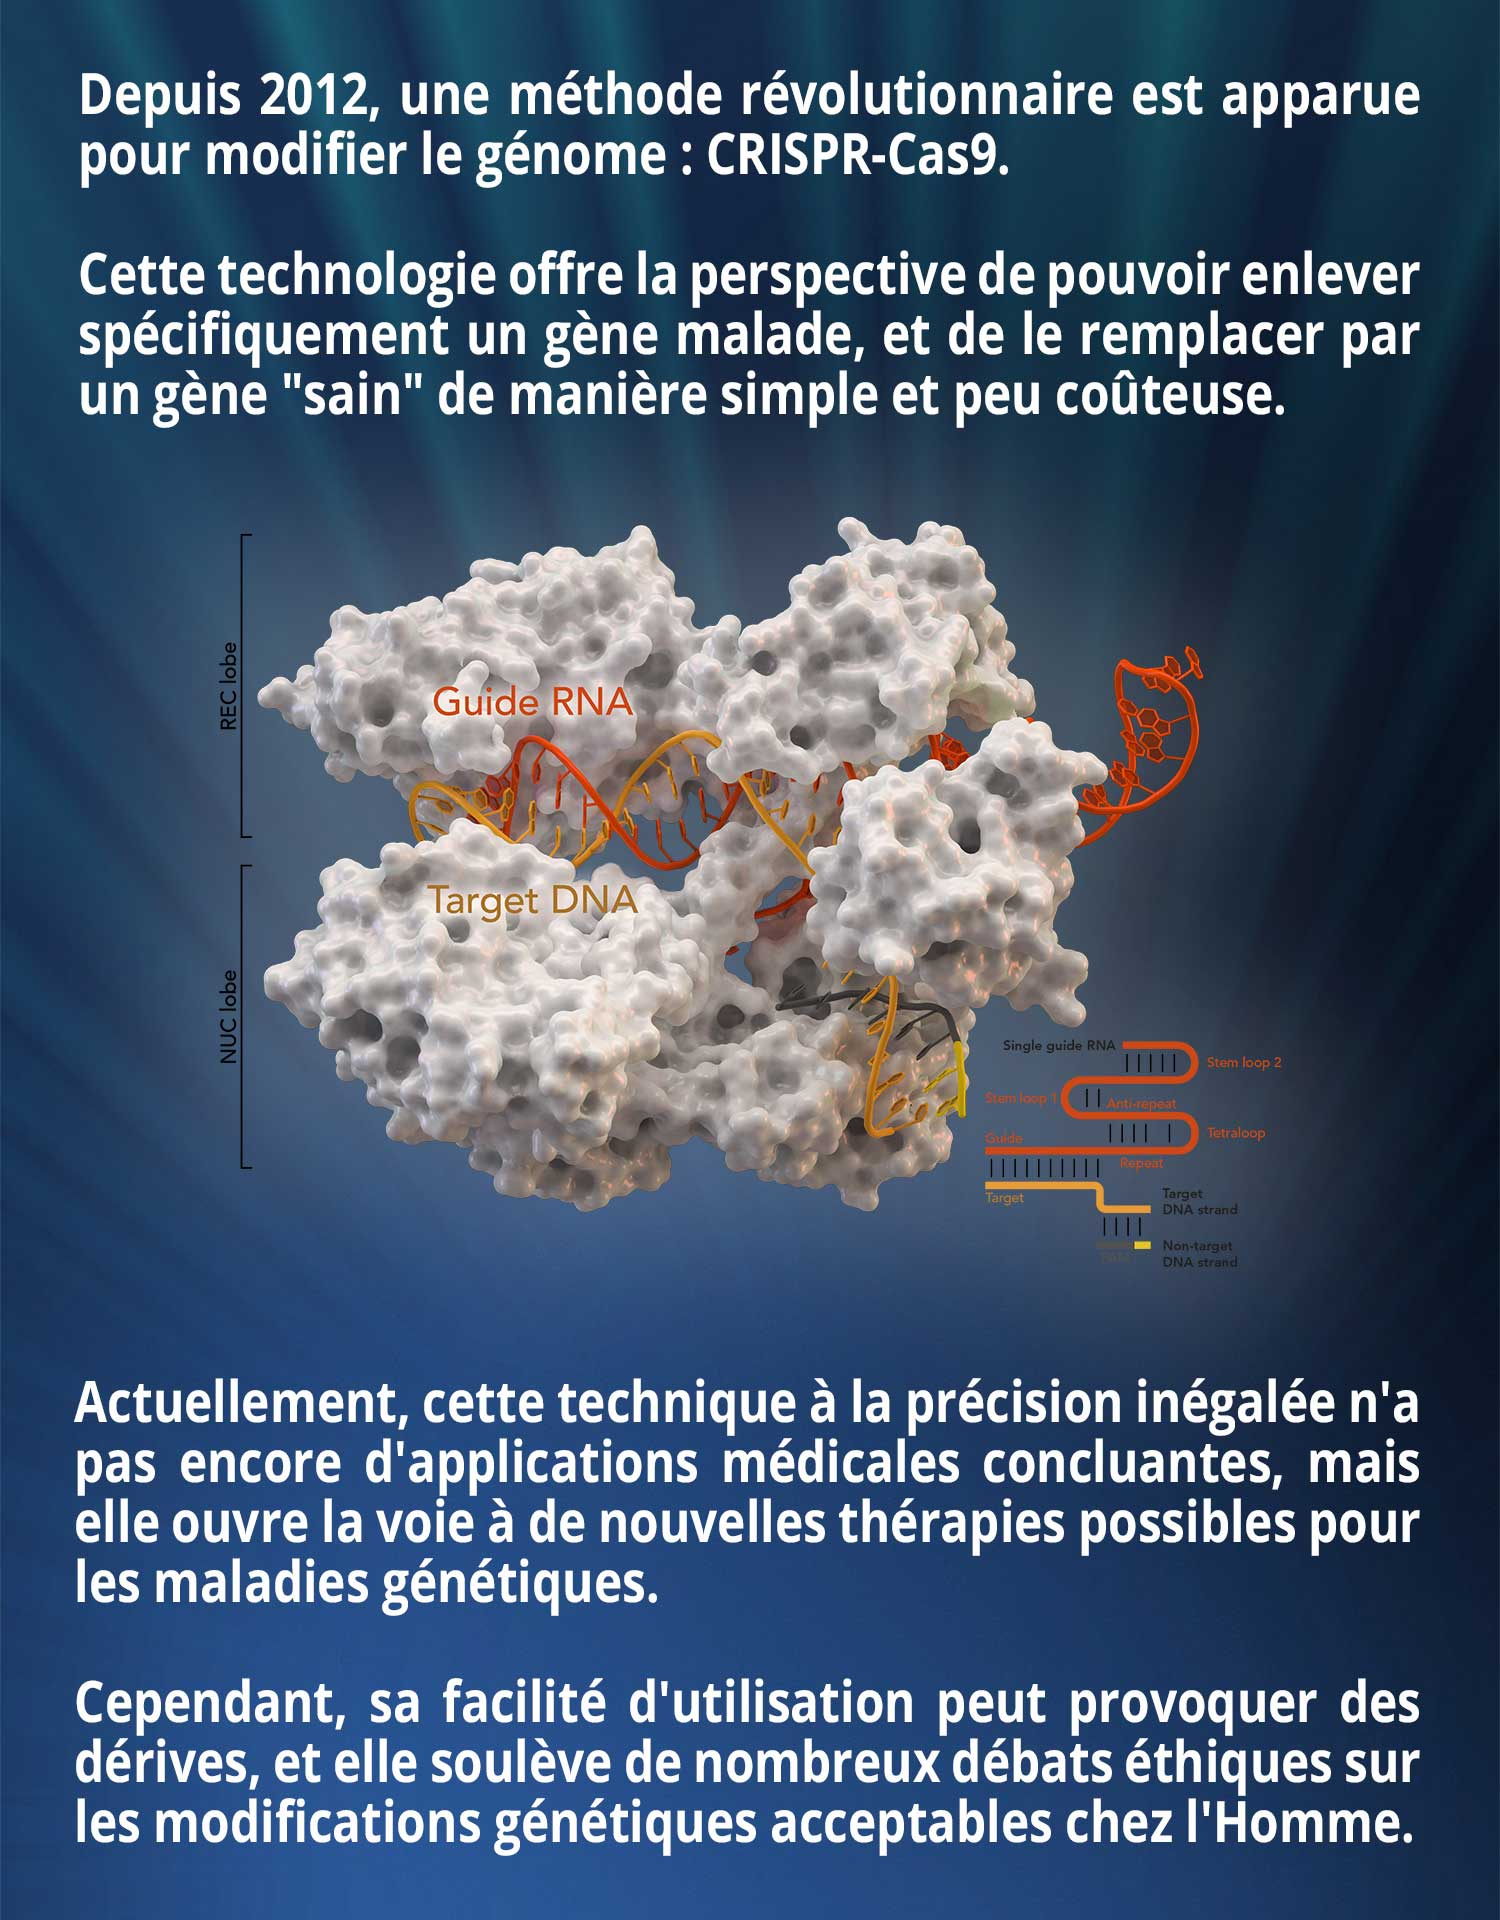 Depuis 2012, une méthode révolutionnaire est apparue pour modifier le génome : CRISPR-Cas9. Cette technologie offre la perspective de pouvoir enlever spécifiquement un gène malade, et de le remplacer par un gène